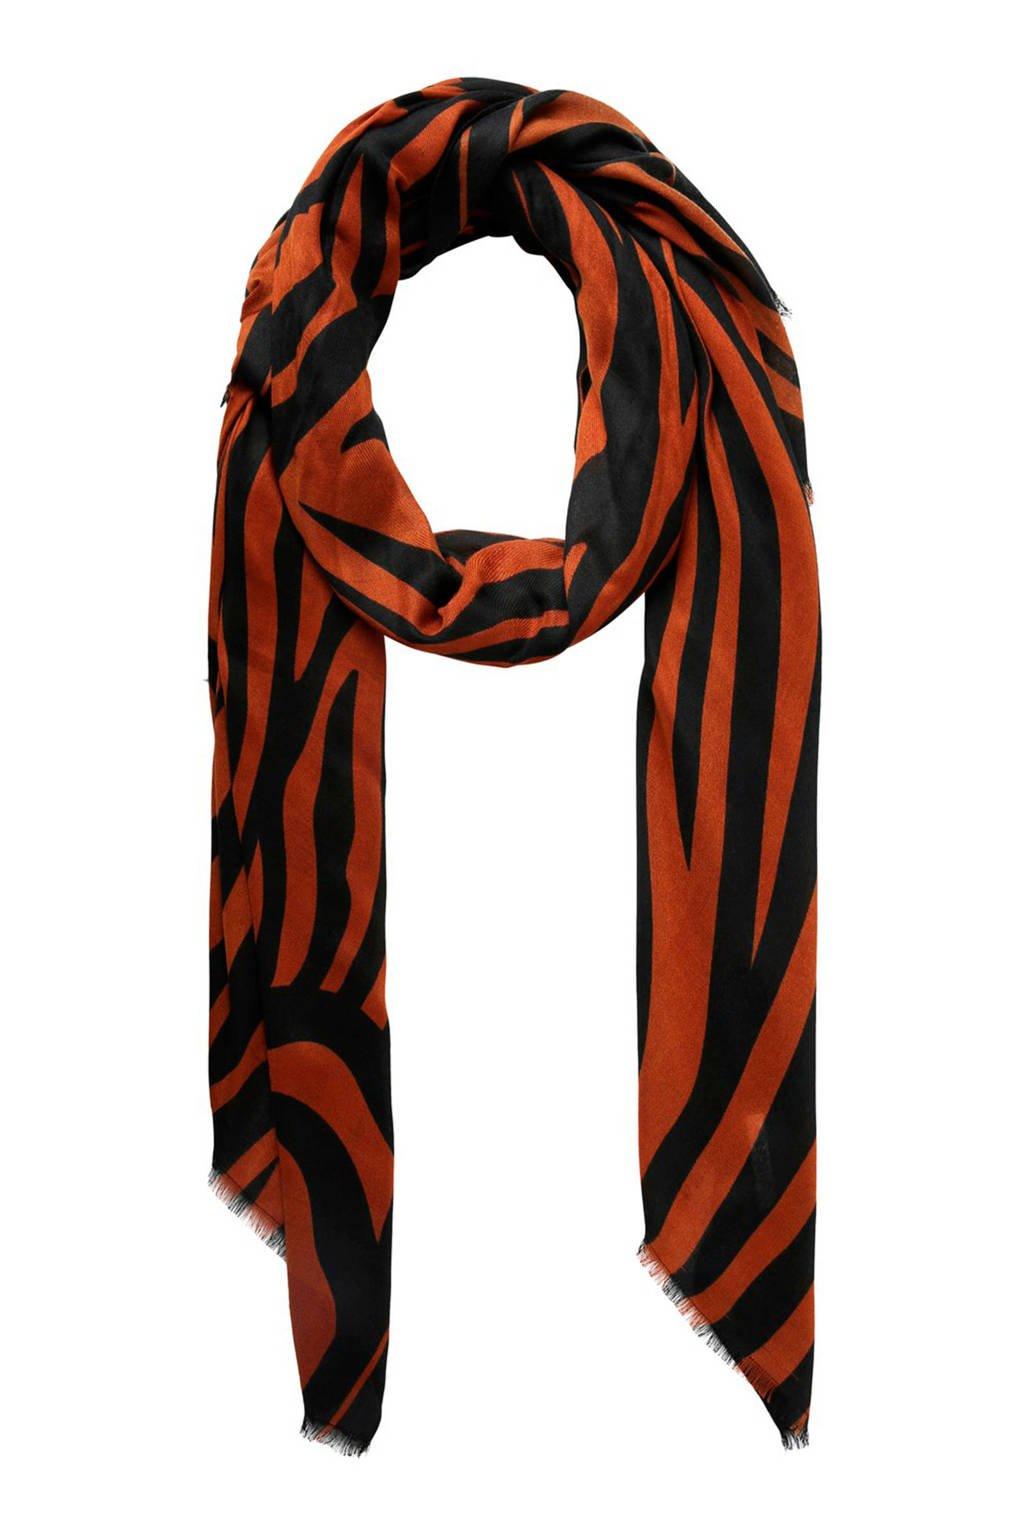 PIECES sjaal oranje, Bruin